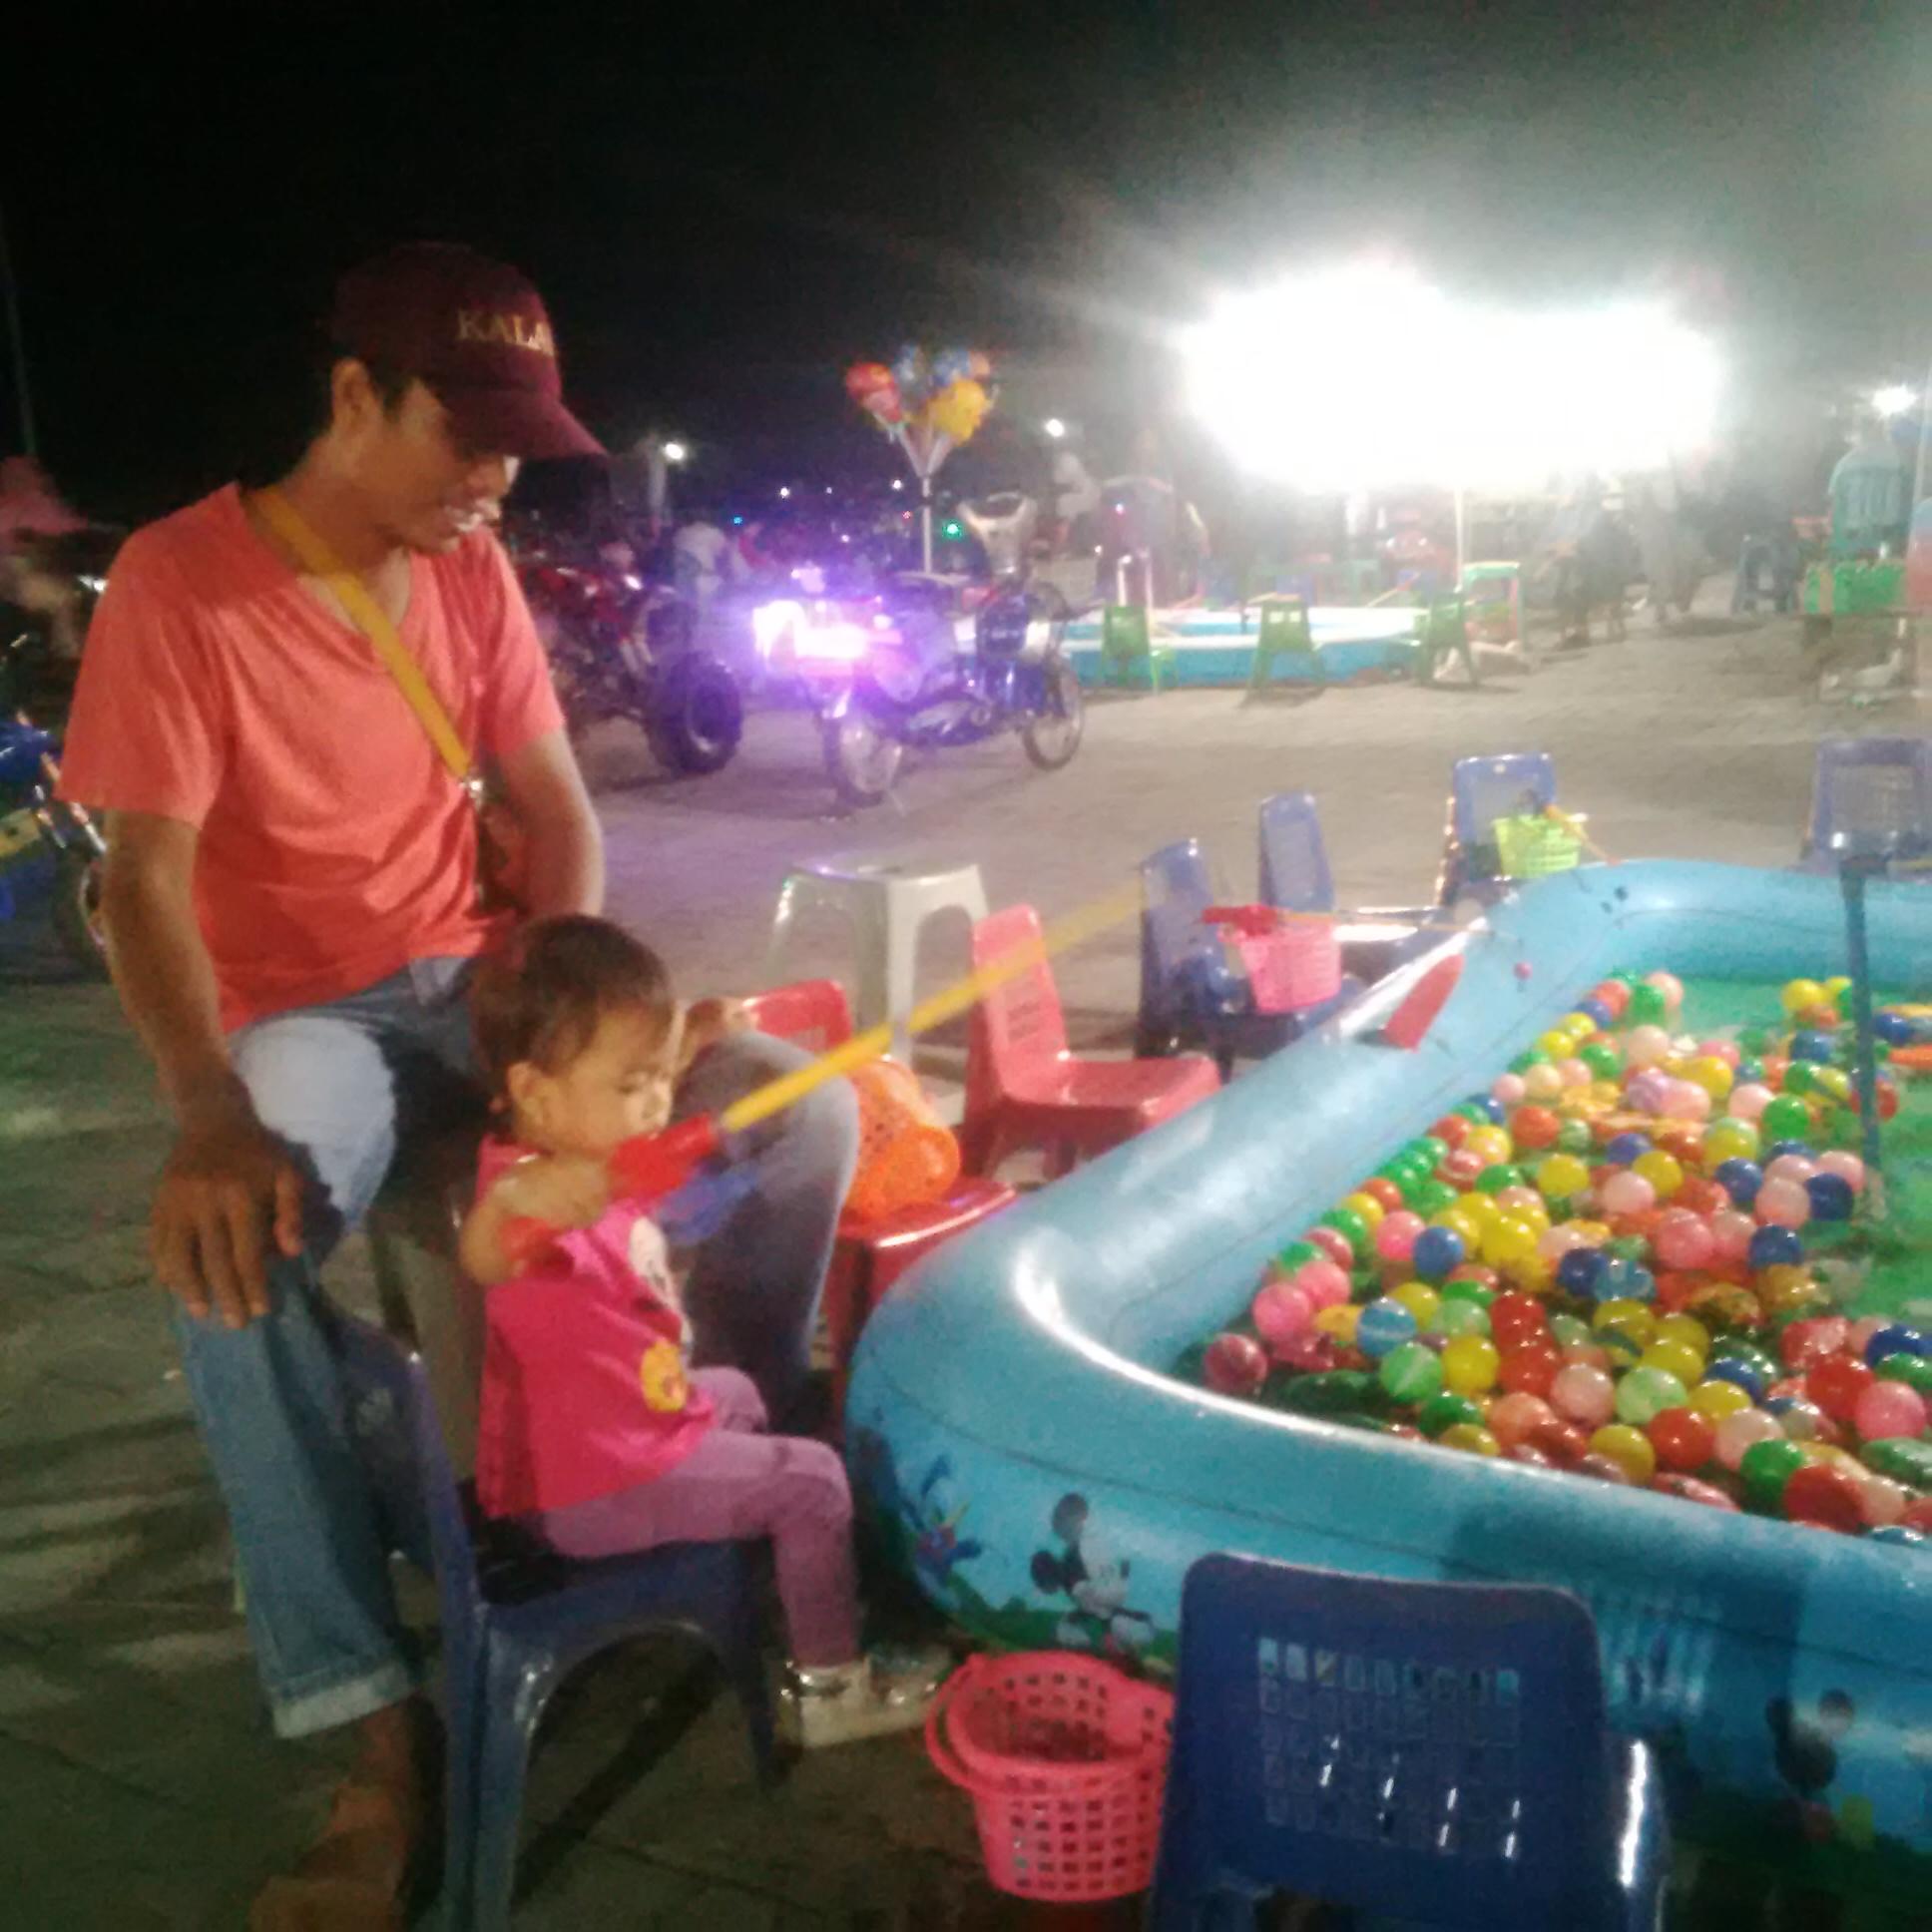 Menikmati Malam Minggu Bersama Keluarga di Taman Bukit Gelanggang Dumai